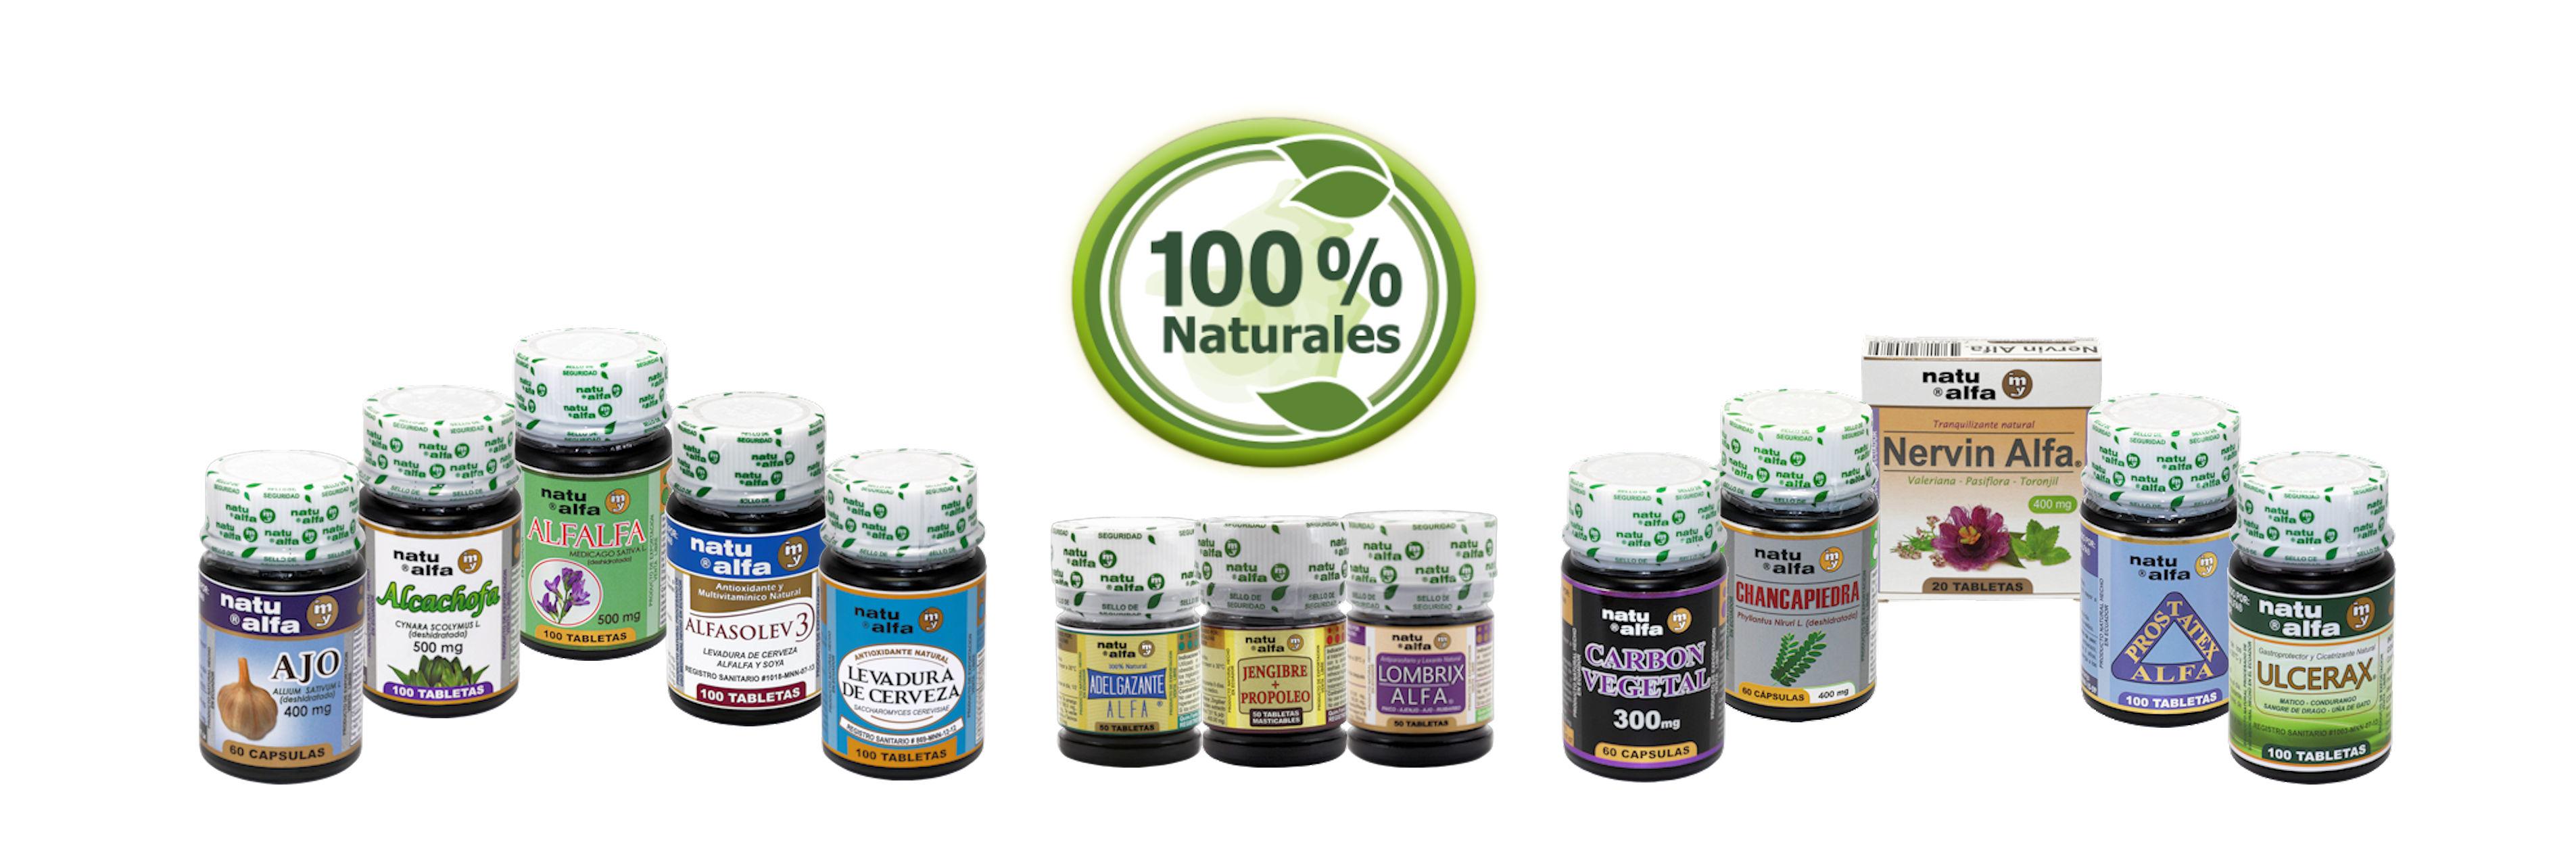 Productos naturales con plantas medicinales